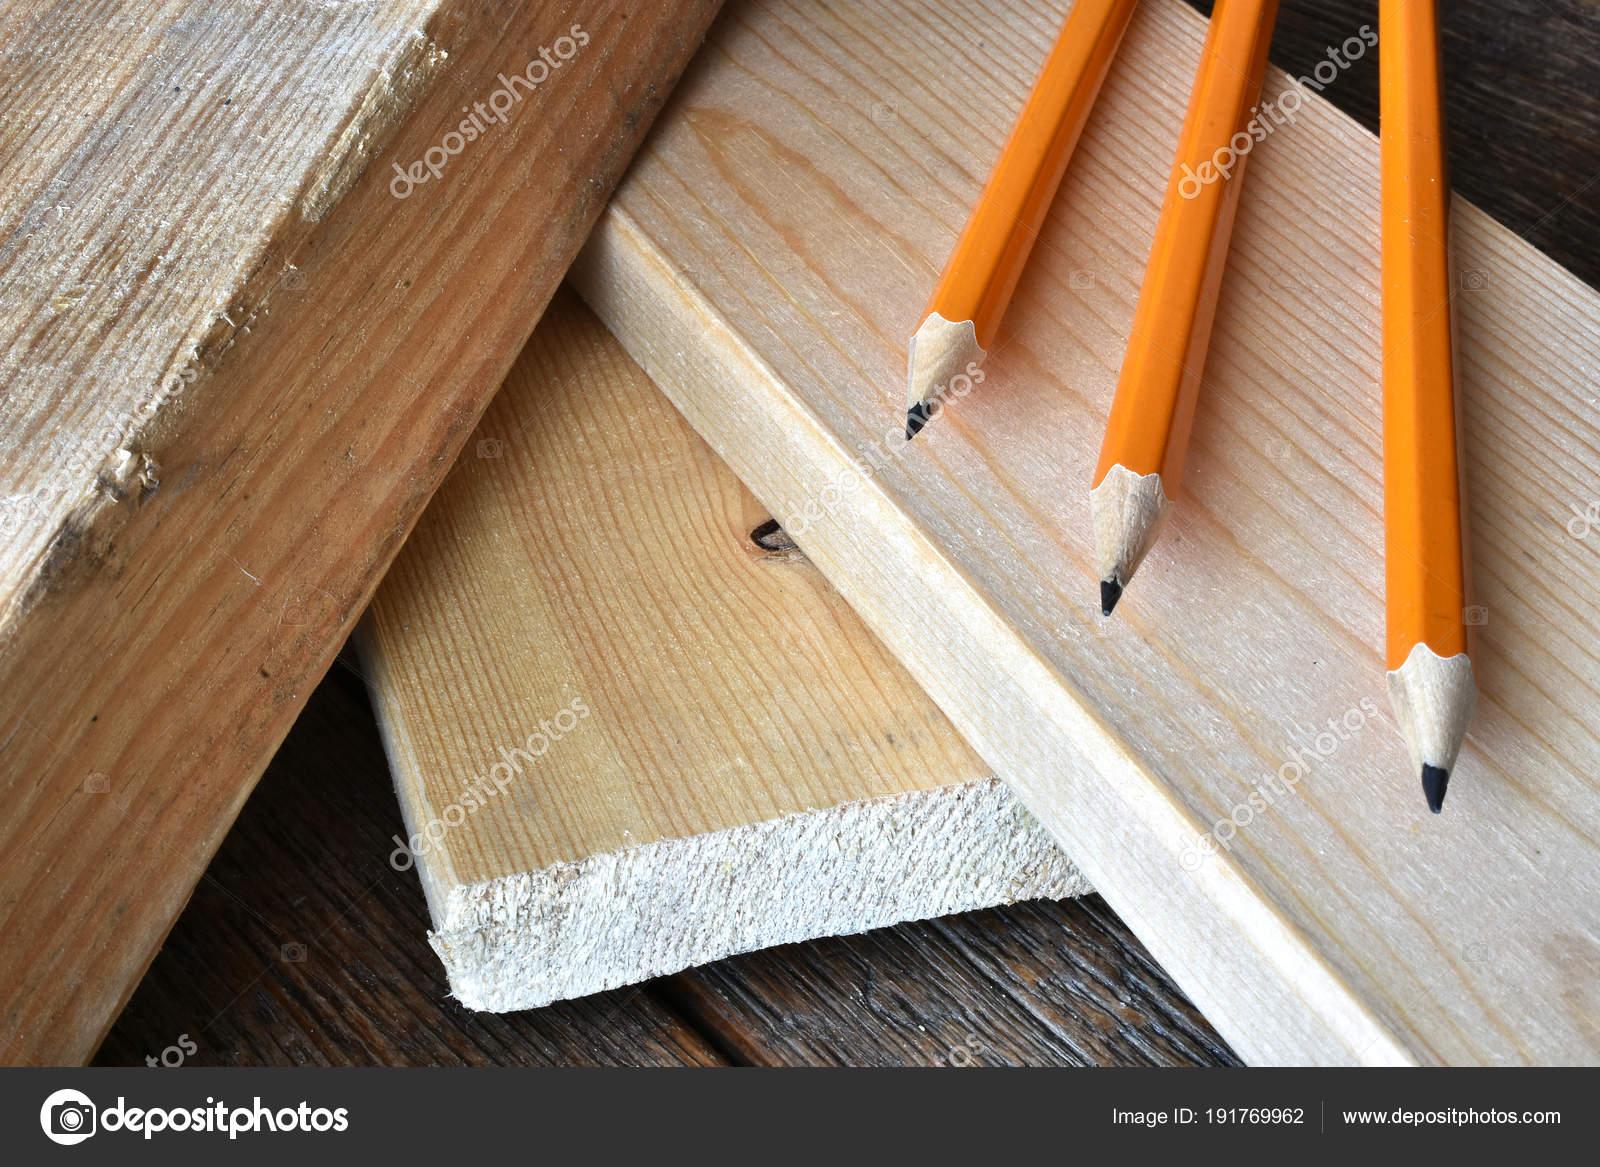 gros plan image crayons aiguisés bois sur banc travail menuiserie